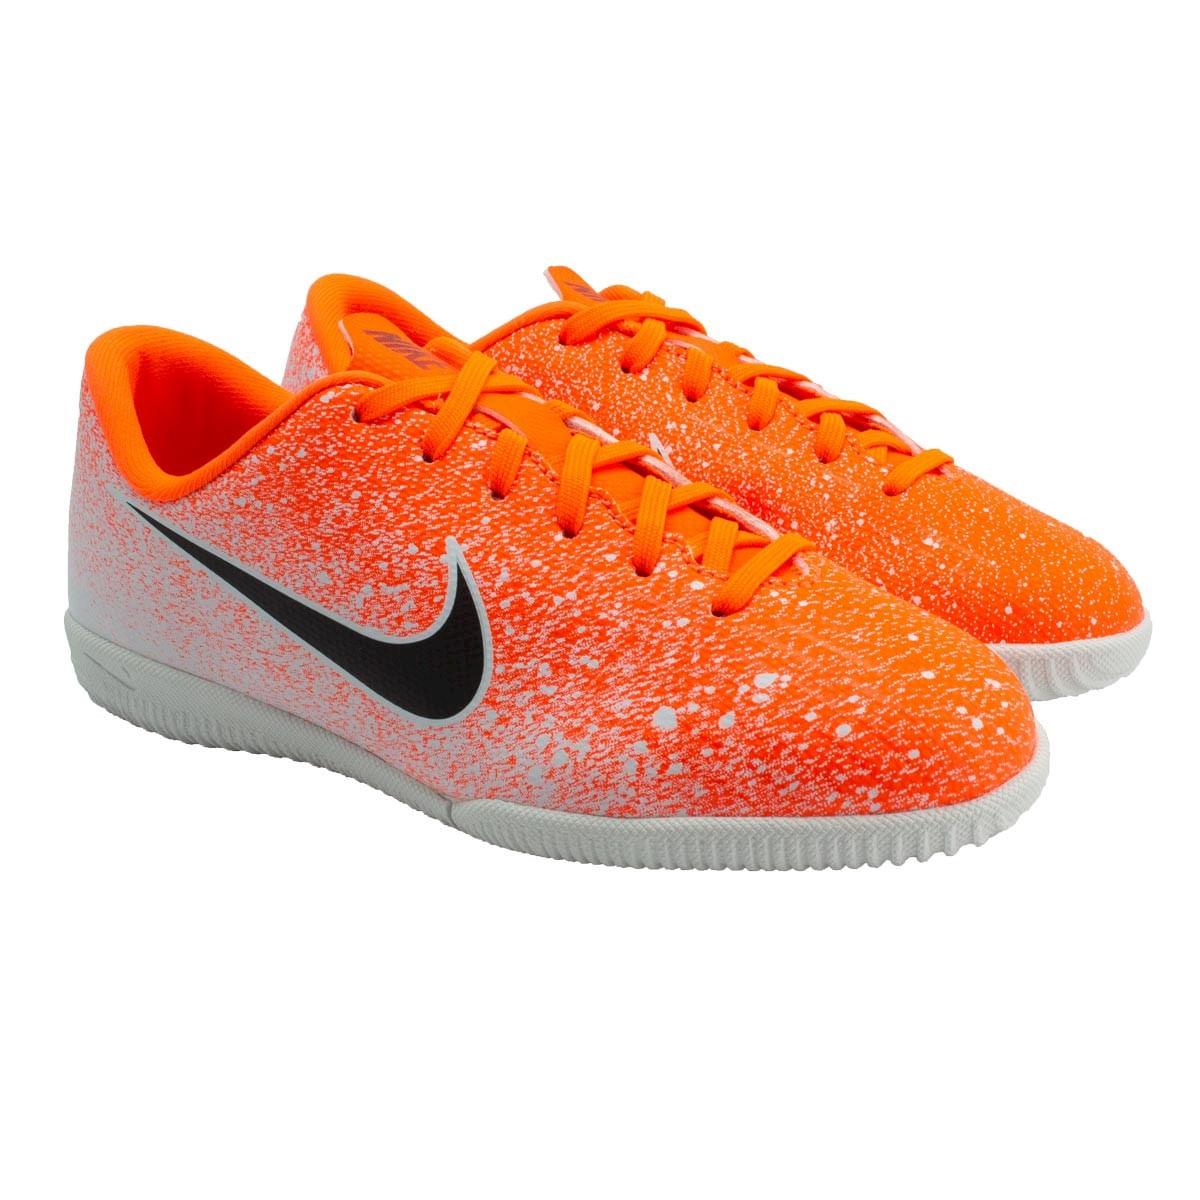 Chuteira-Infantil-Nike-Mercurial-Vapor-12-Academy-Salao--31-ao-36-